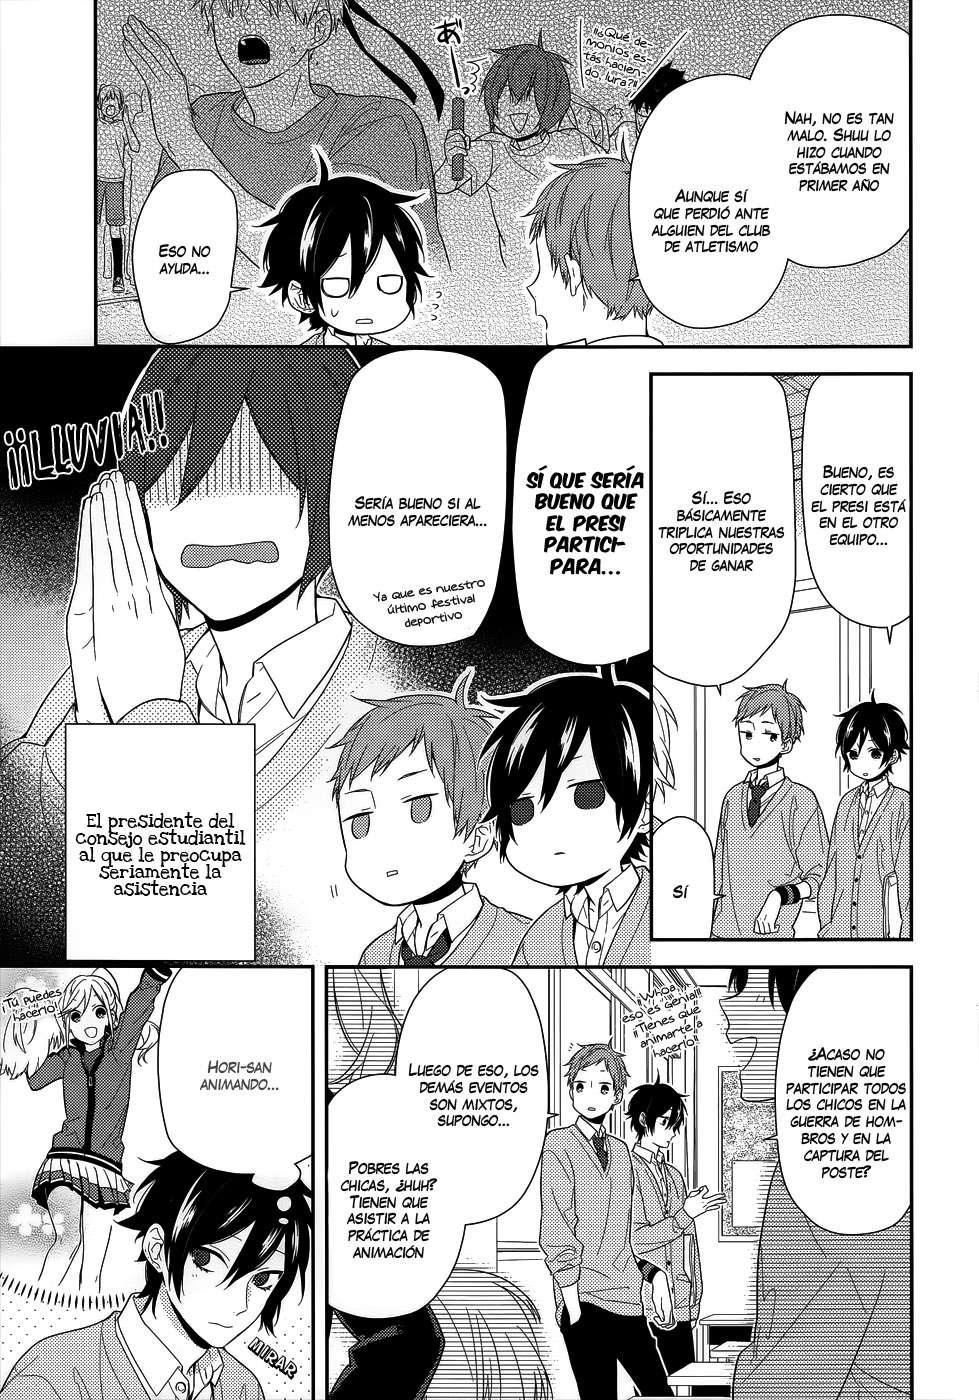 http://c5.ninemanga.com/es_manga/19/1043/364680/0a5f5a8a1259b1c53f9acee240e343ad.jpg Page 4